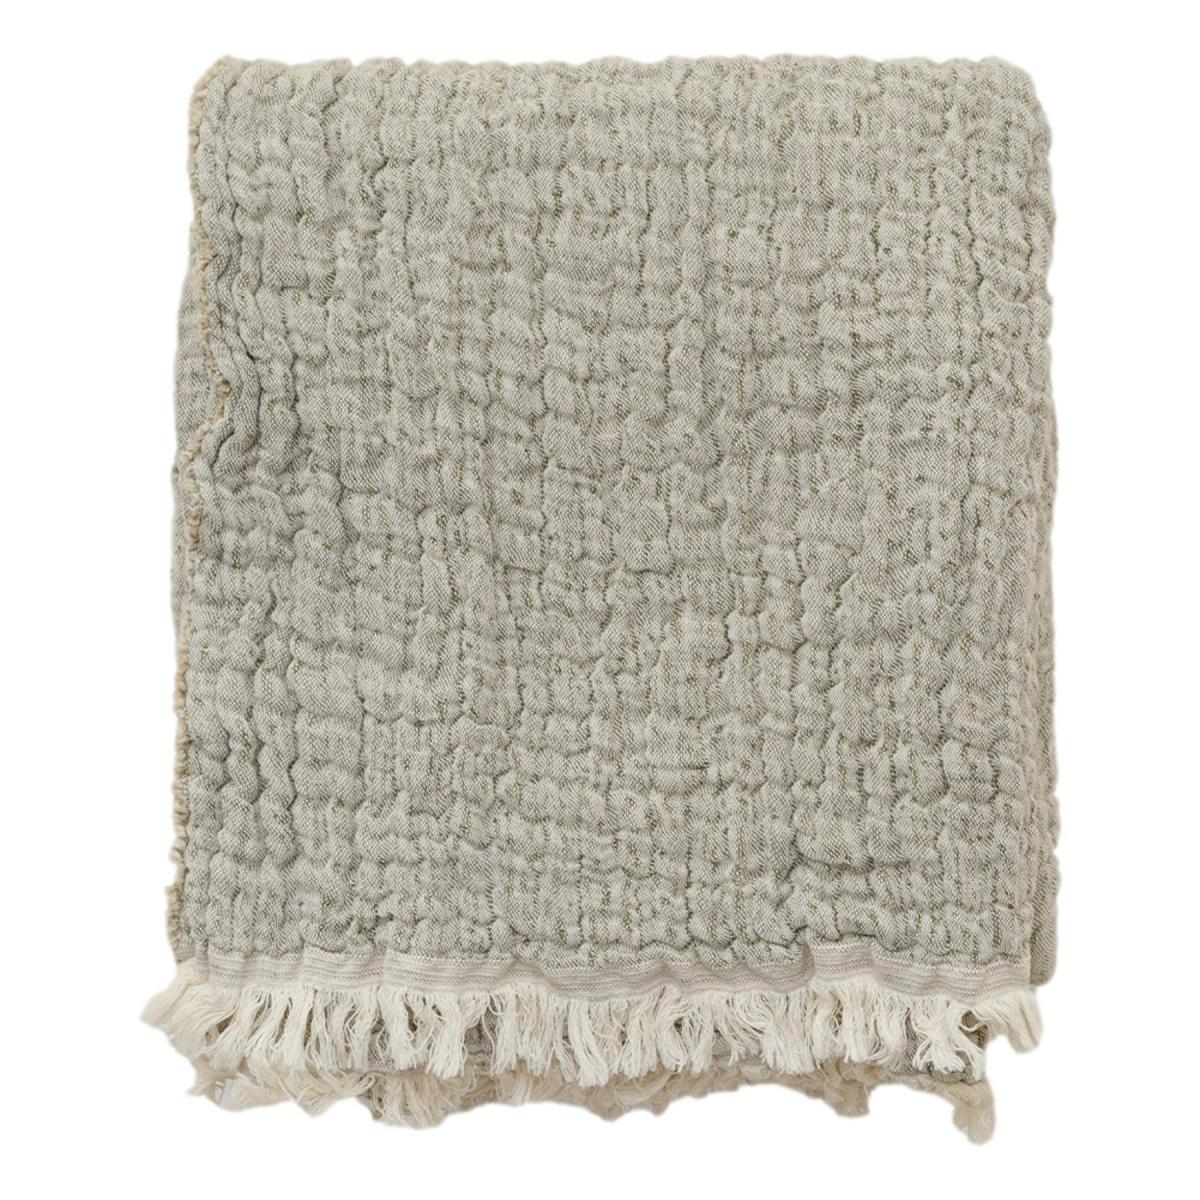 Garbo & Friends Mellow kale Blanket S